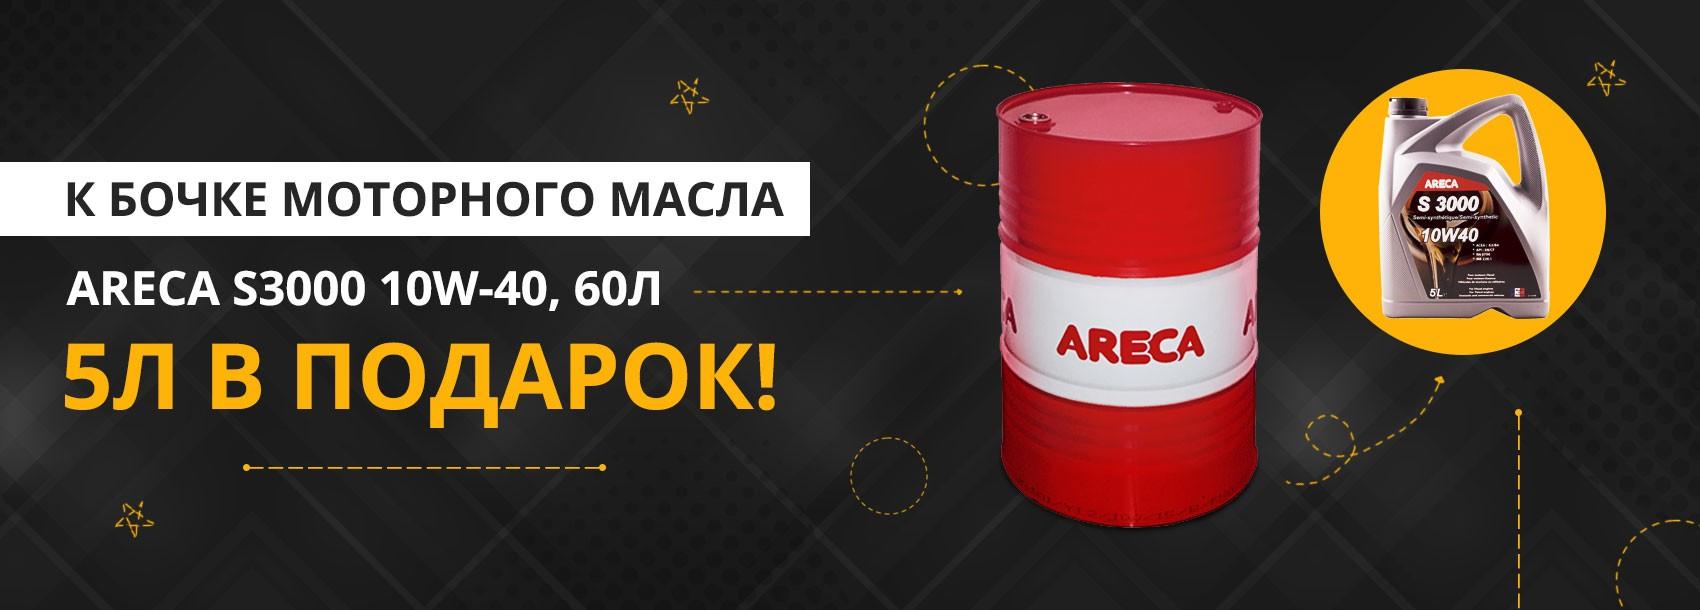 К бочке моторного масла Areca – 5 литров подарок!